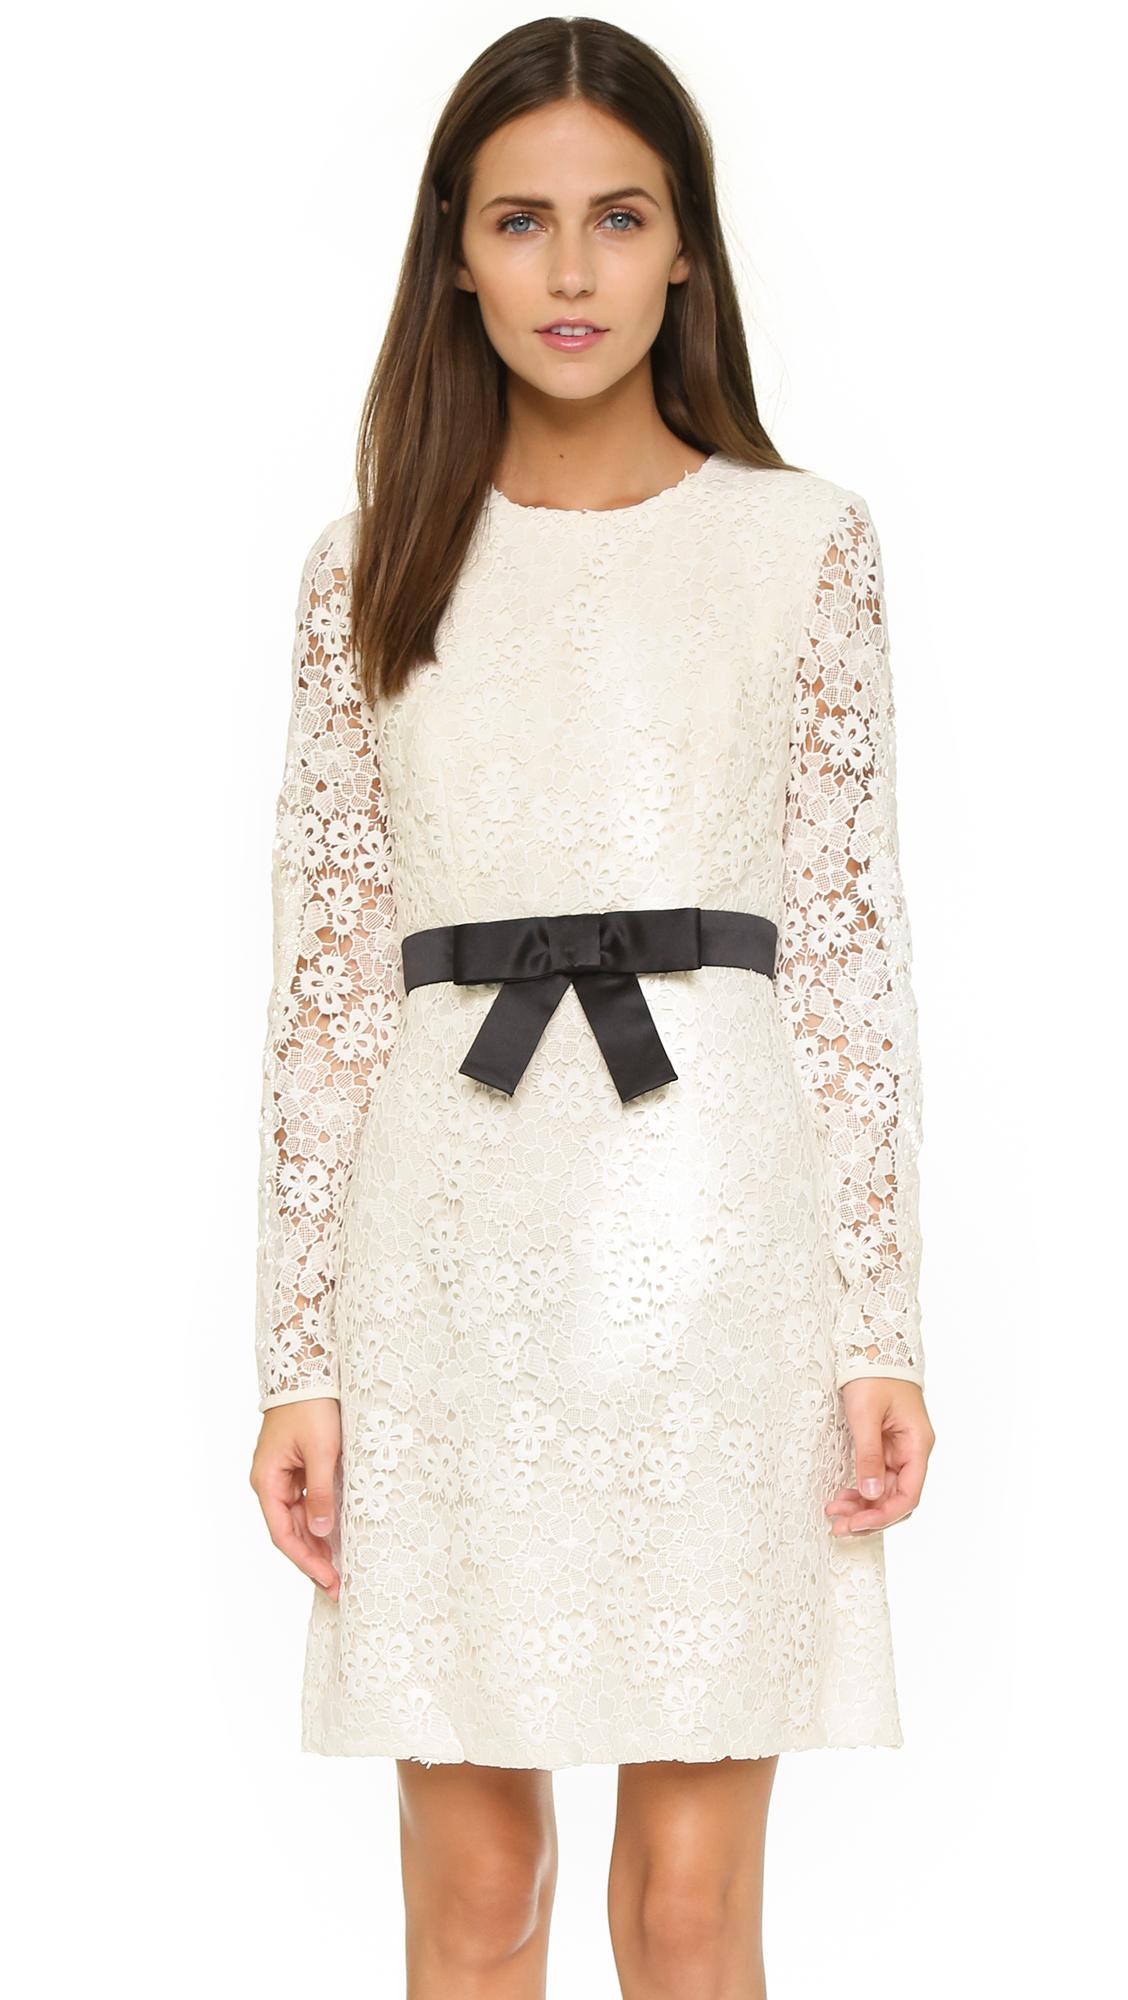 26632f9ec06b Lyst - JILL Jill Stuart Long Sleeve Lace Dress in White